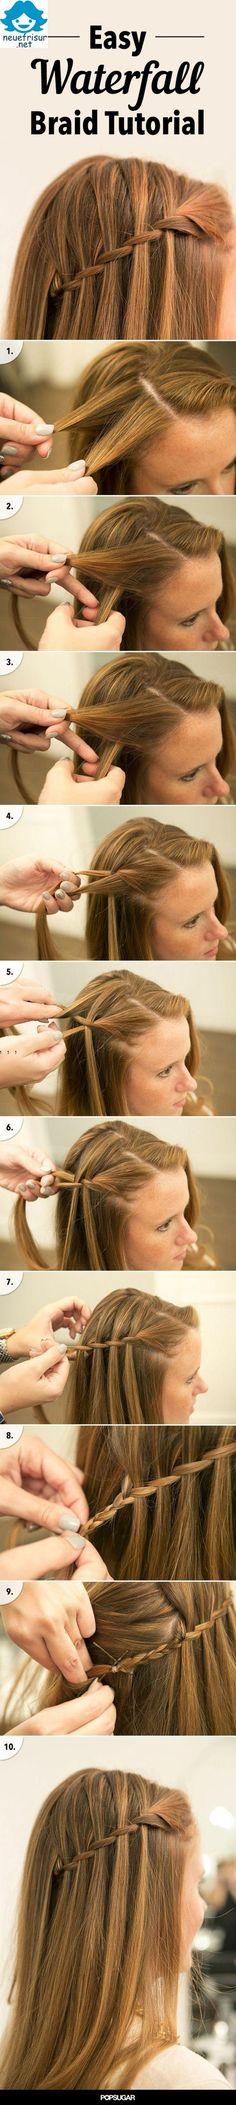 DIY Waterfall Braid Hair Wir sind immer anders und immer in Mode Frisuren für Sie wieder anbieten zu können. Unser aktuelles Modell, mit Eleganz und Unterschiede mit modernen und Einfachheit bieten…